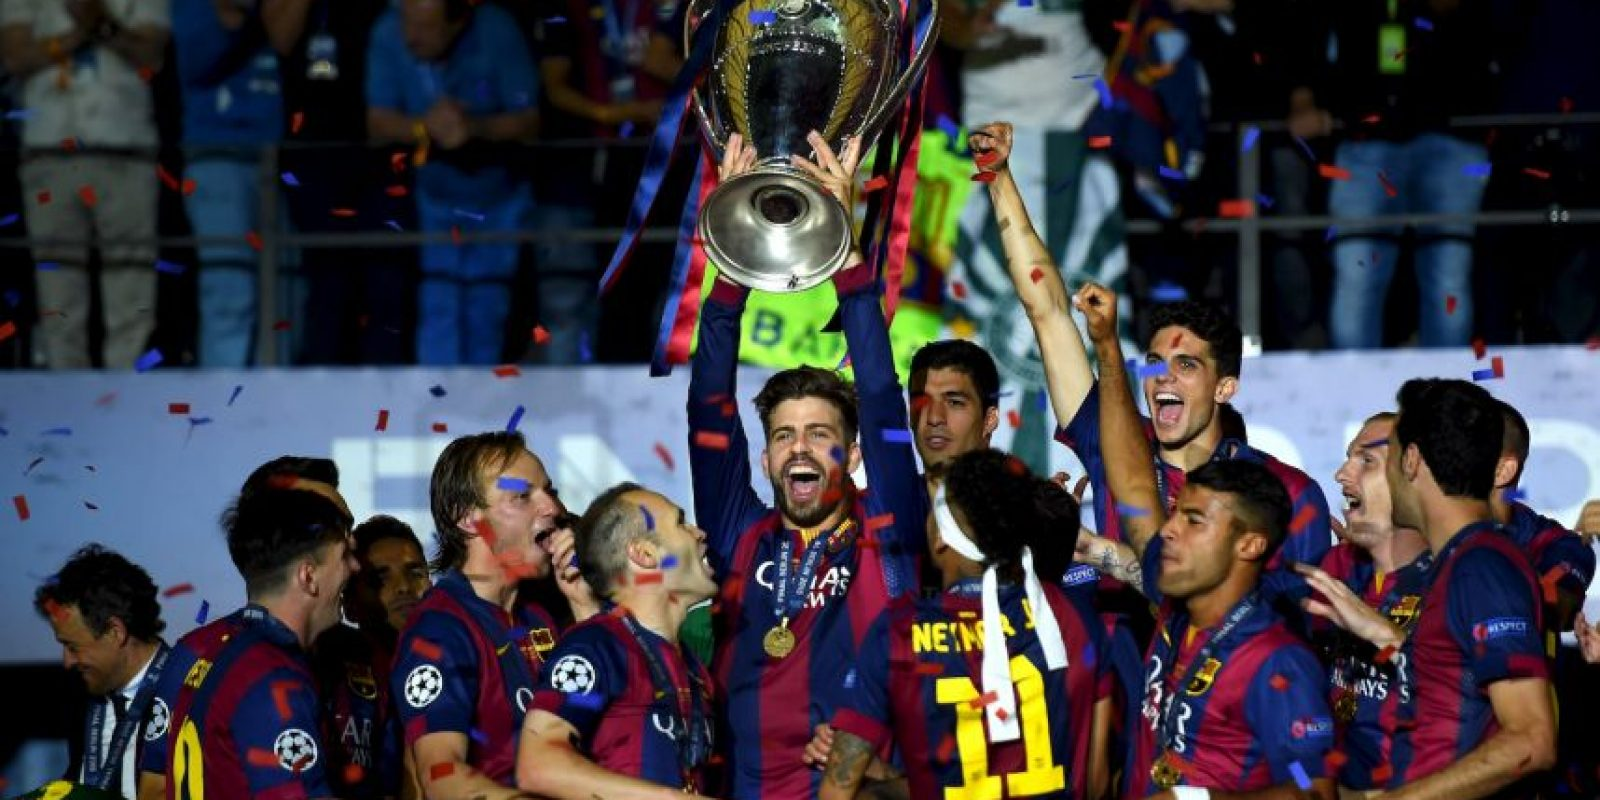 """3. Por sus """"guiños"""" al Real Madrid en los títulos del Barça Foto:Getty Images"""